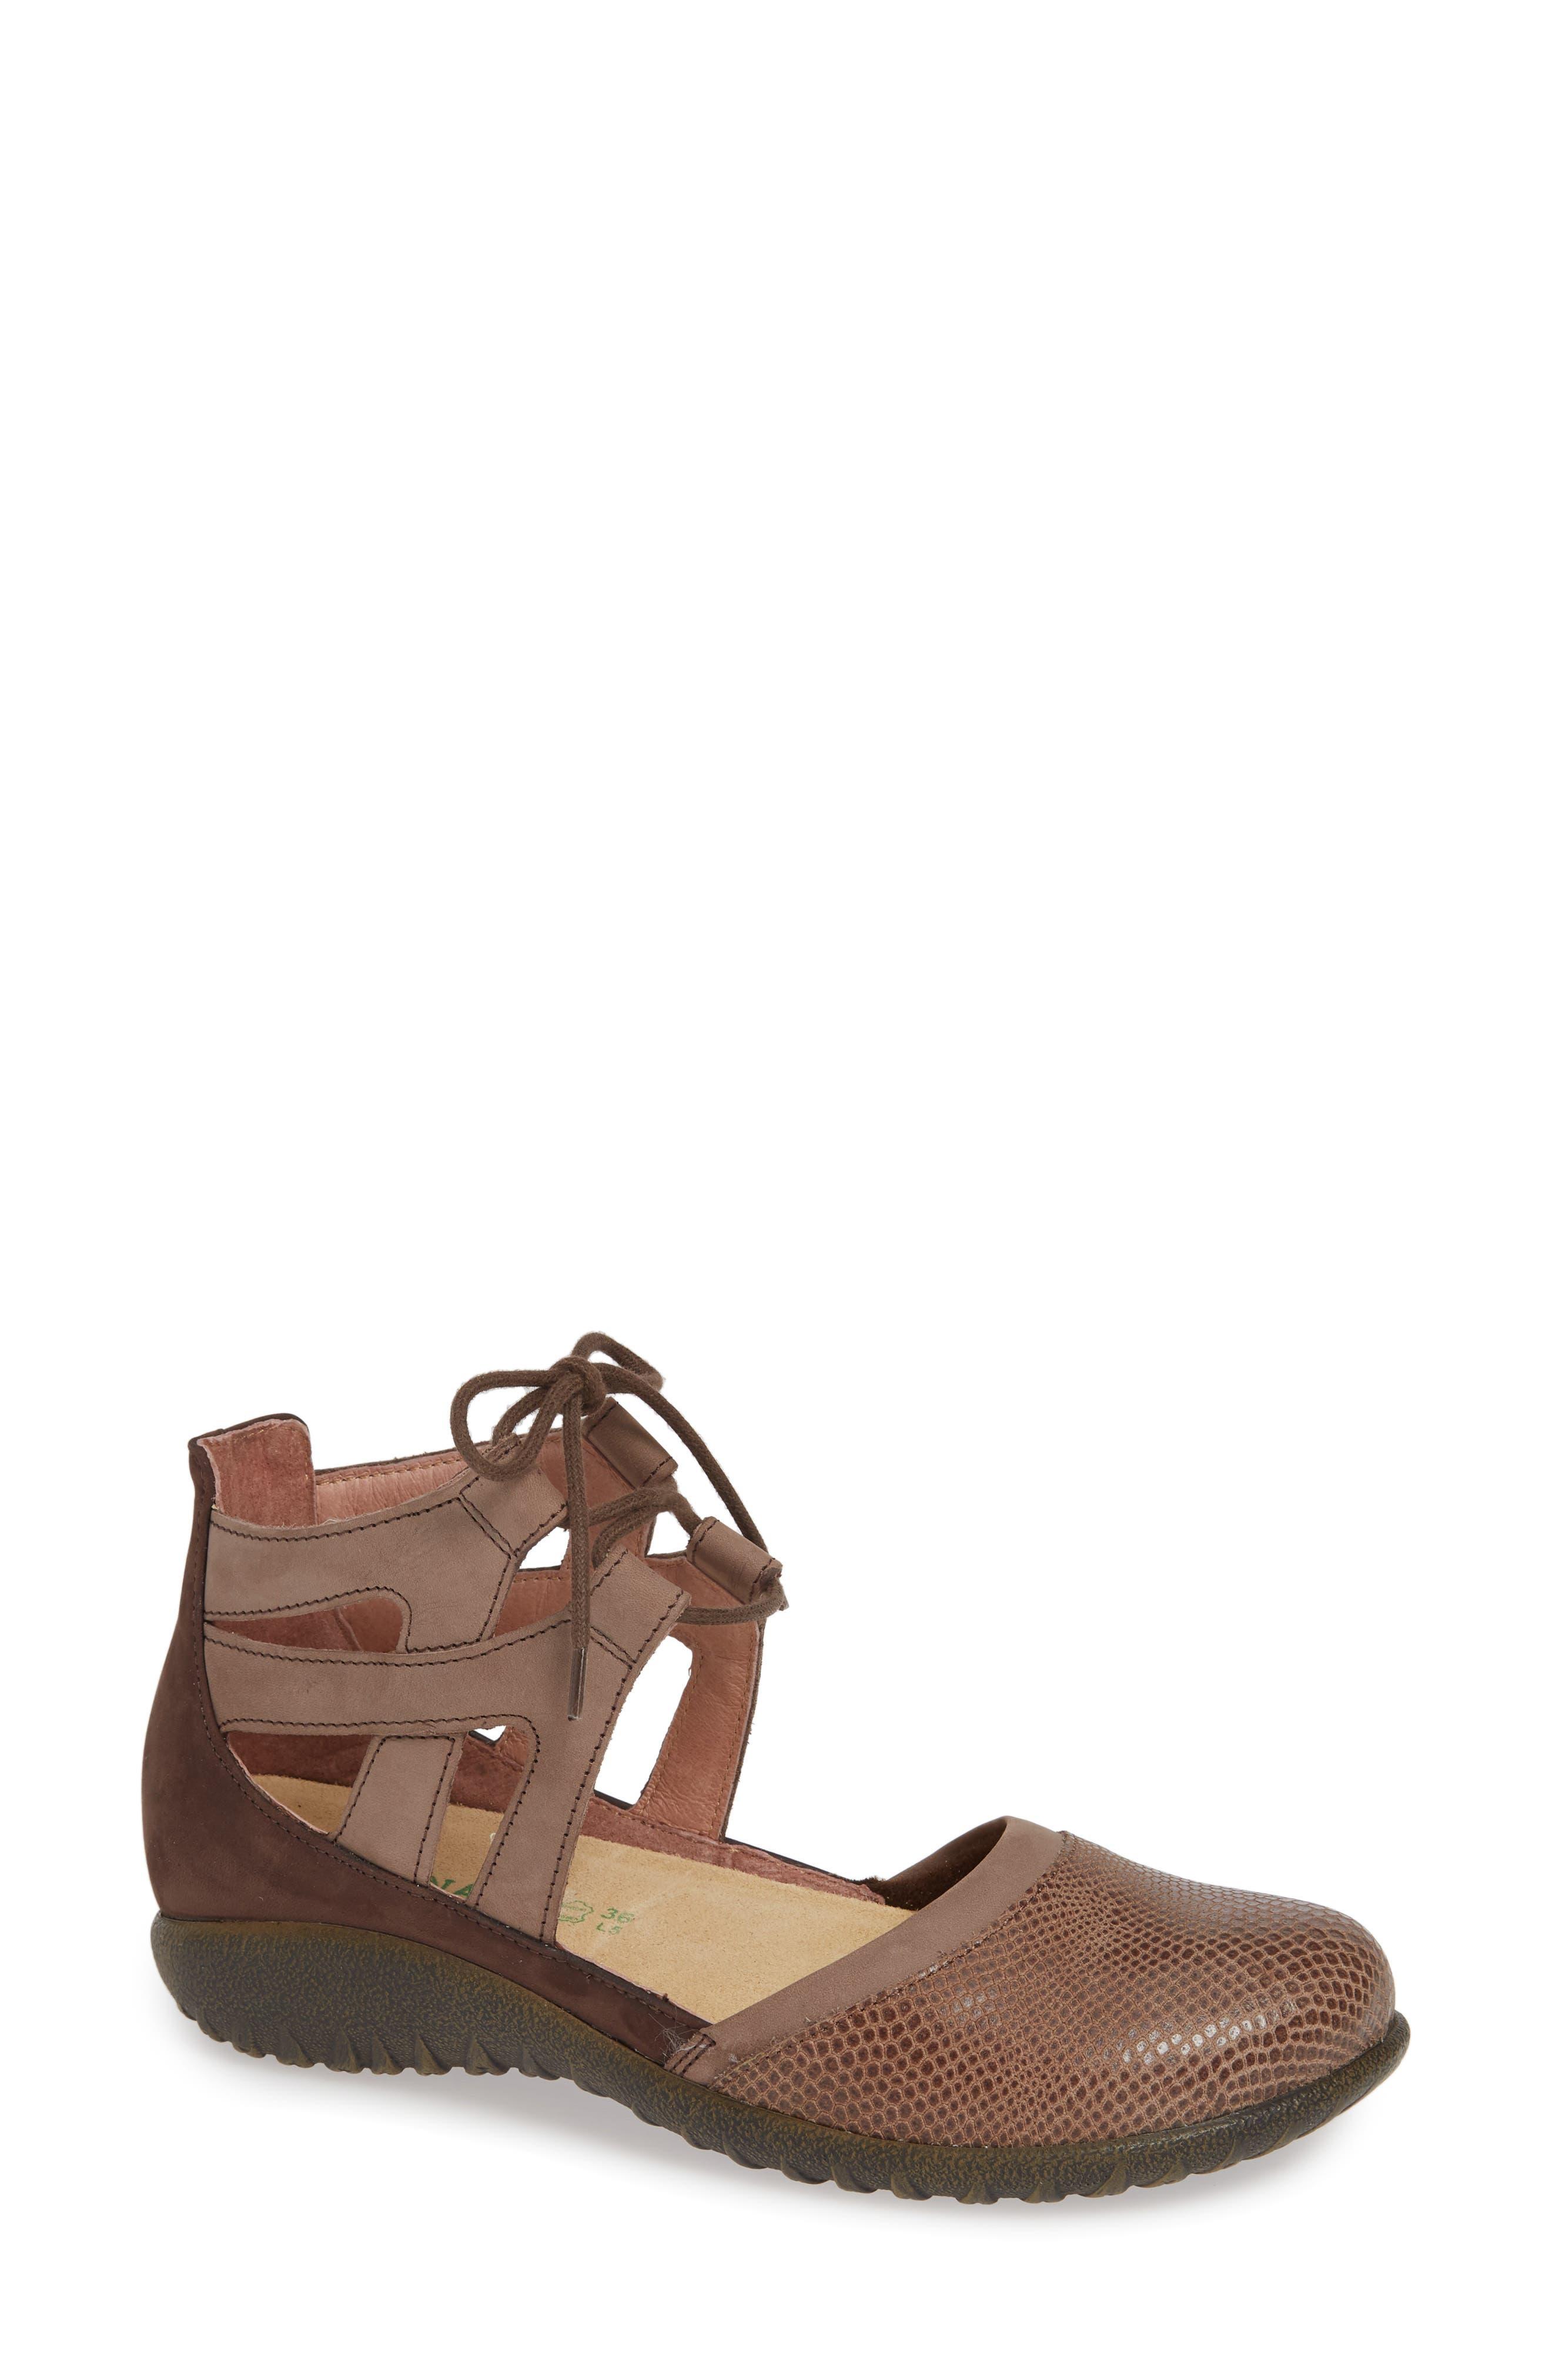 NAOT Kata Lace-Up Sandal, Main, color, BROWN/ SHIITAKE LEATHER